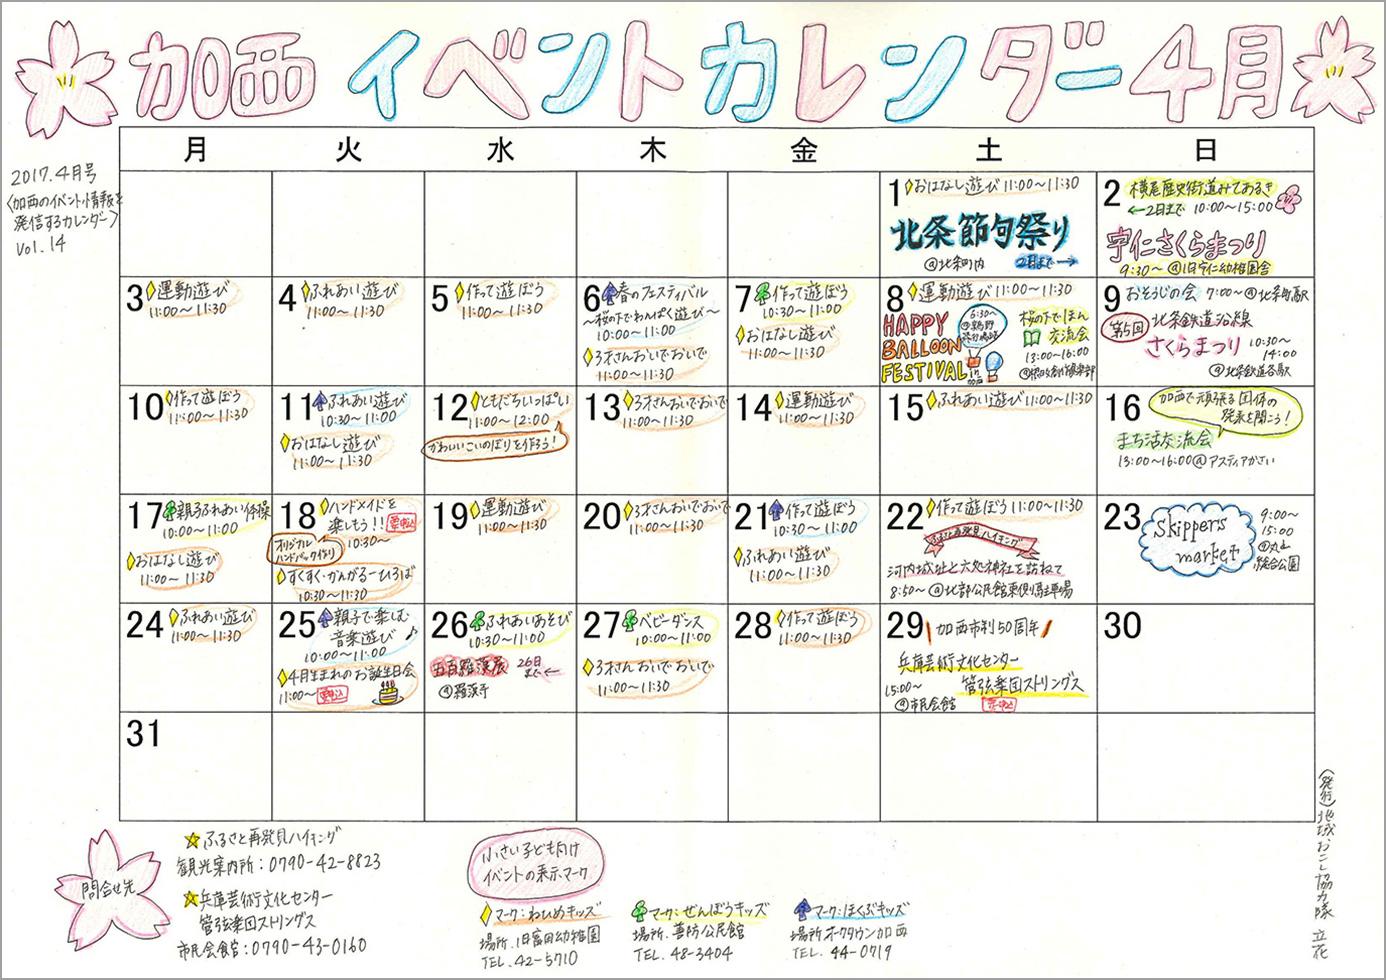 4月加西イベントカレンダー